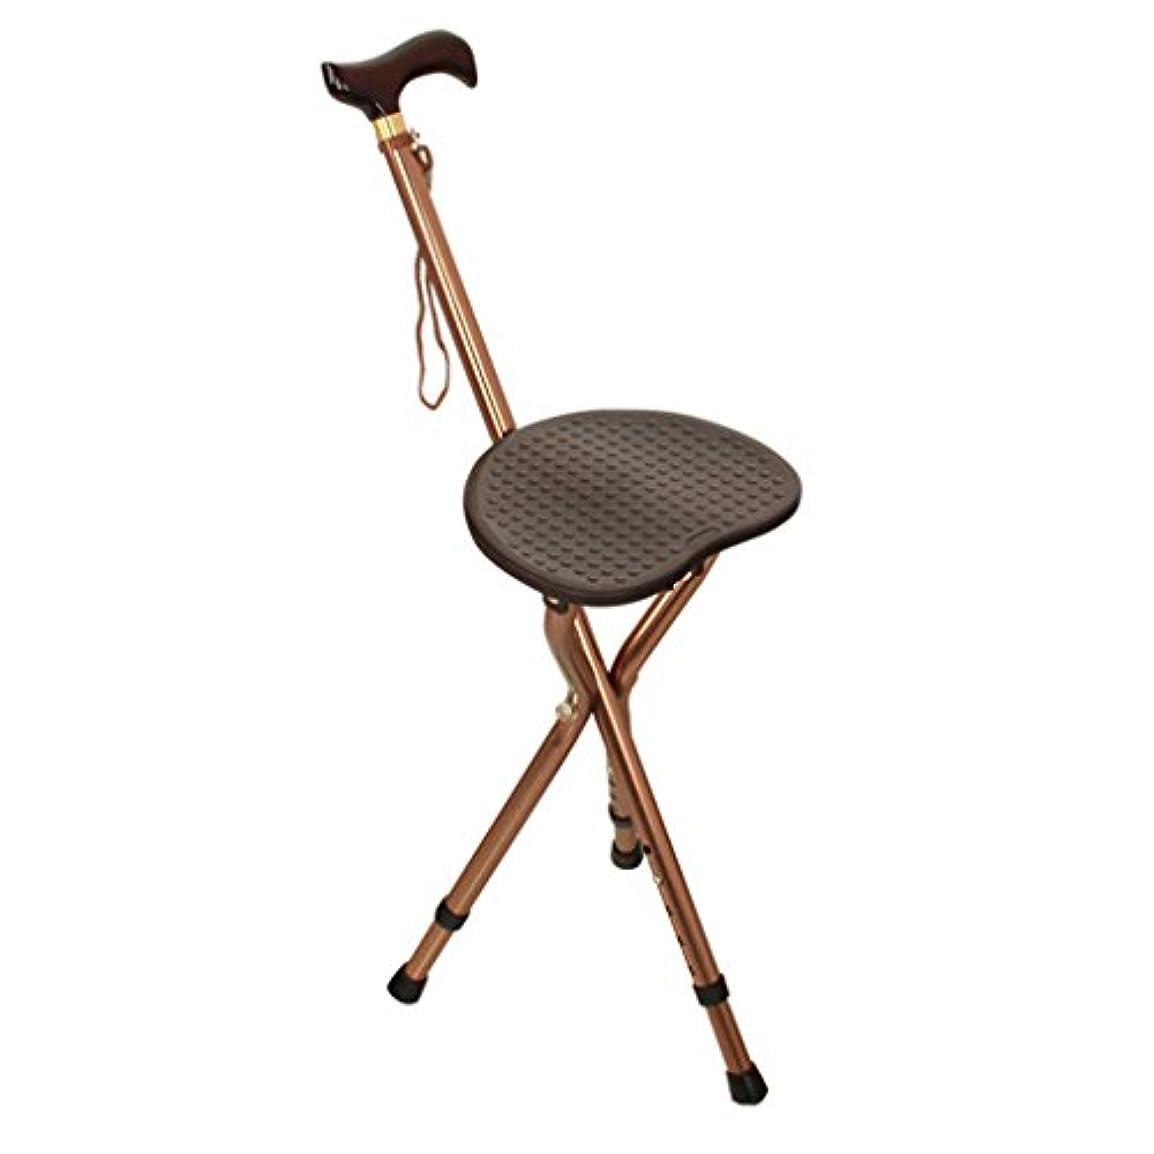 お気に入りフロント芽厚いアルミニウム合金の杖スツール収納式老人杖木製ハンドルスティック